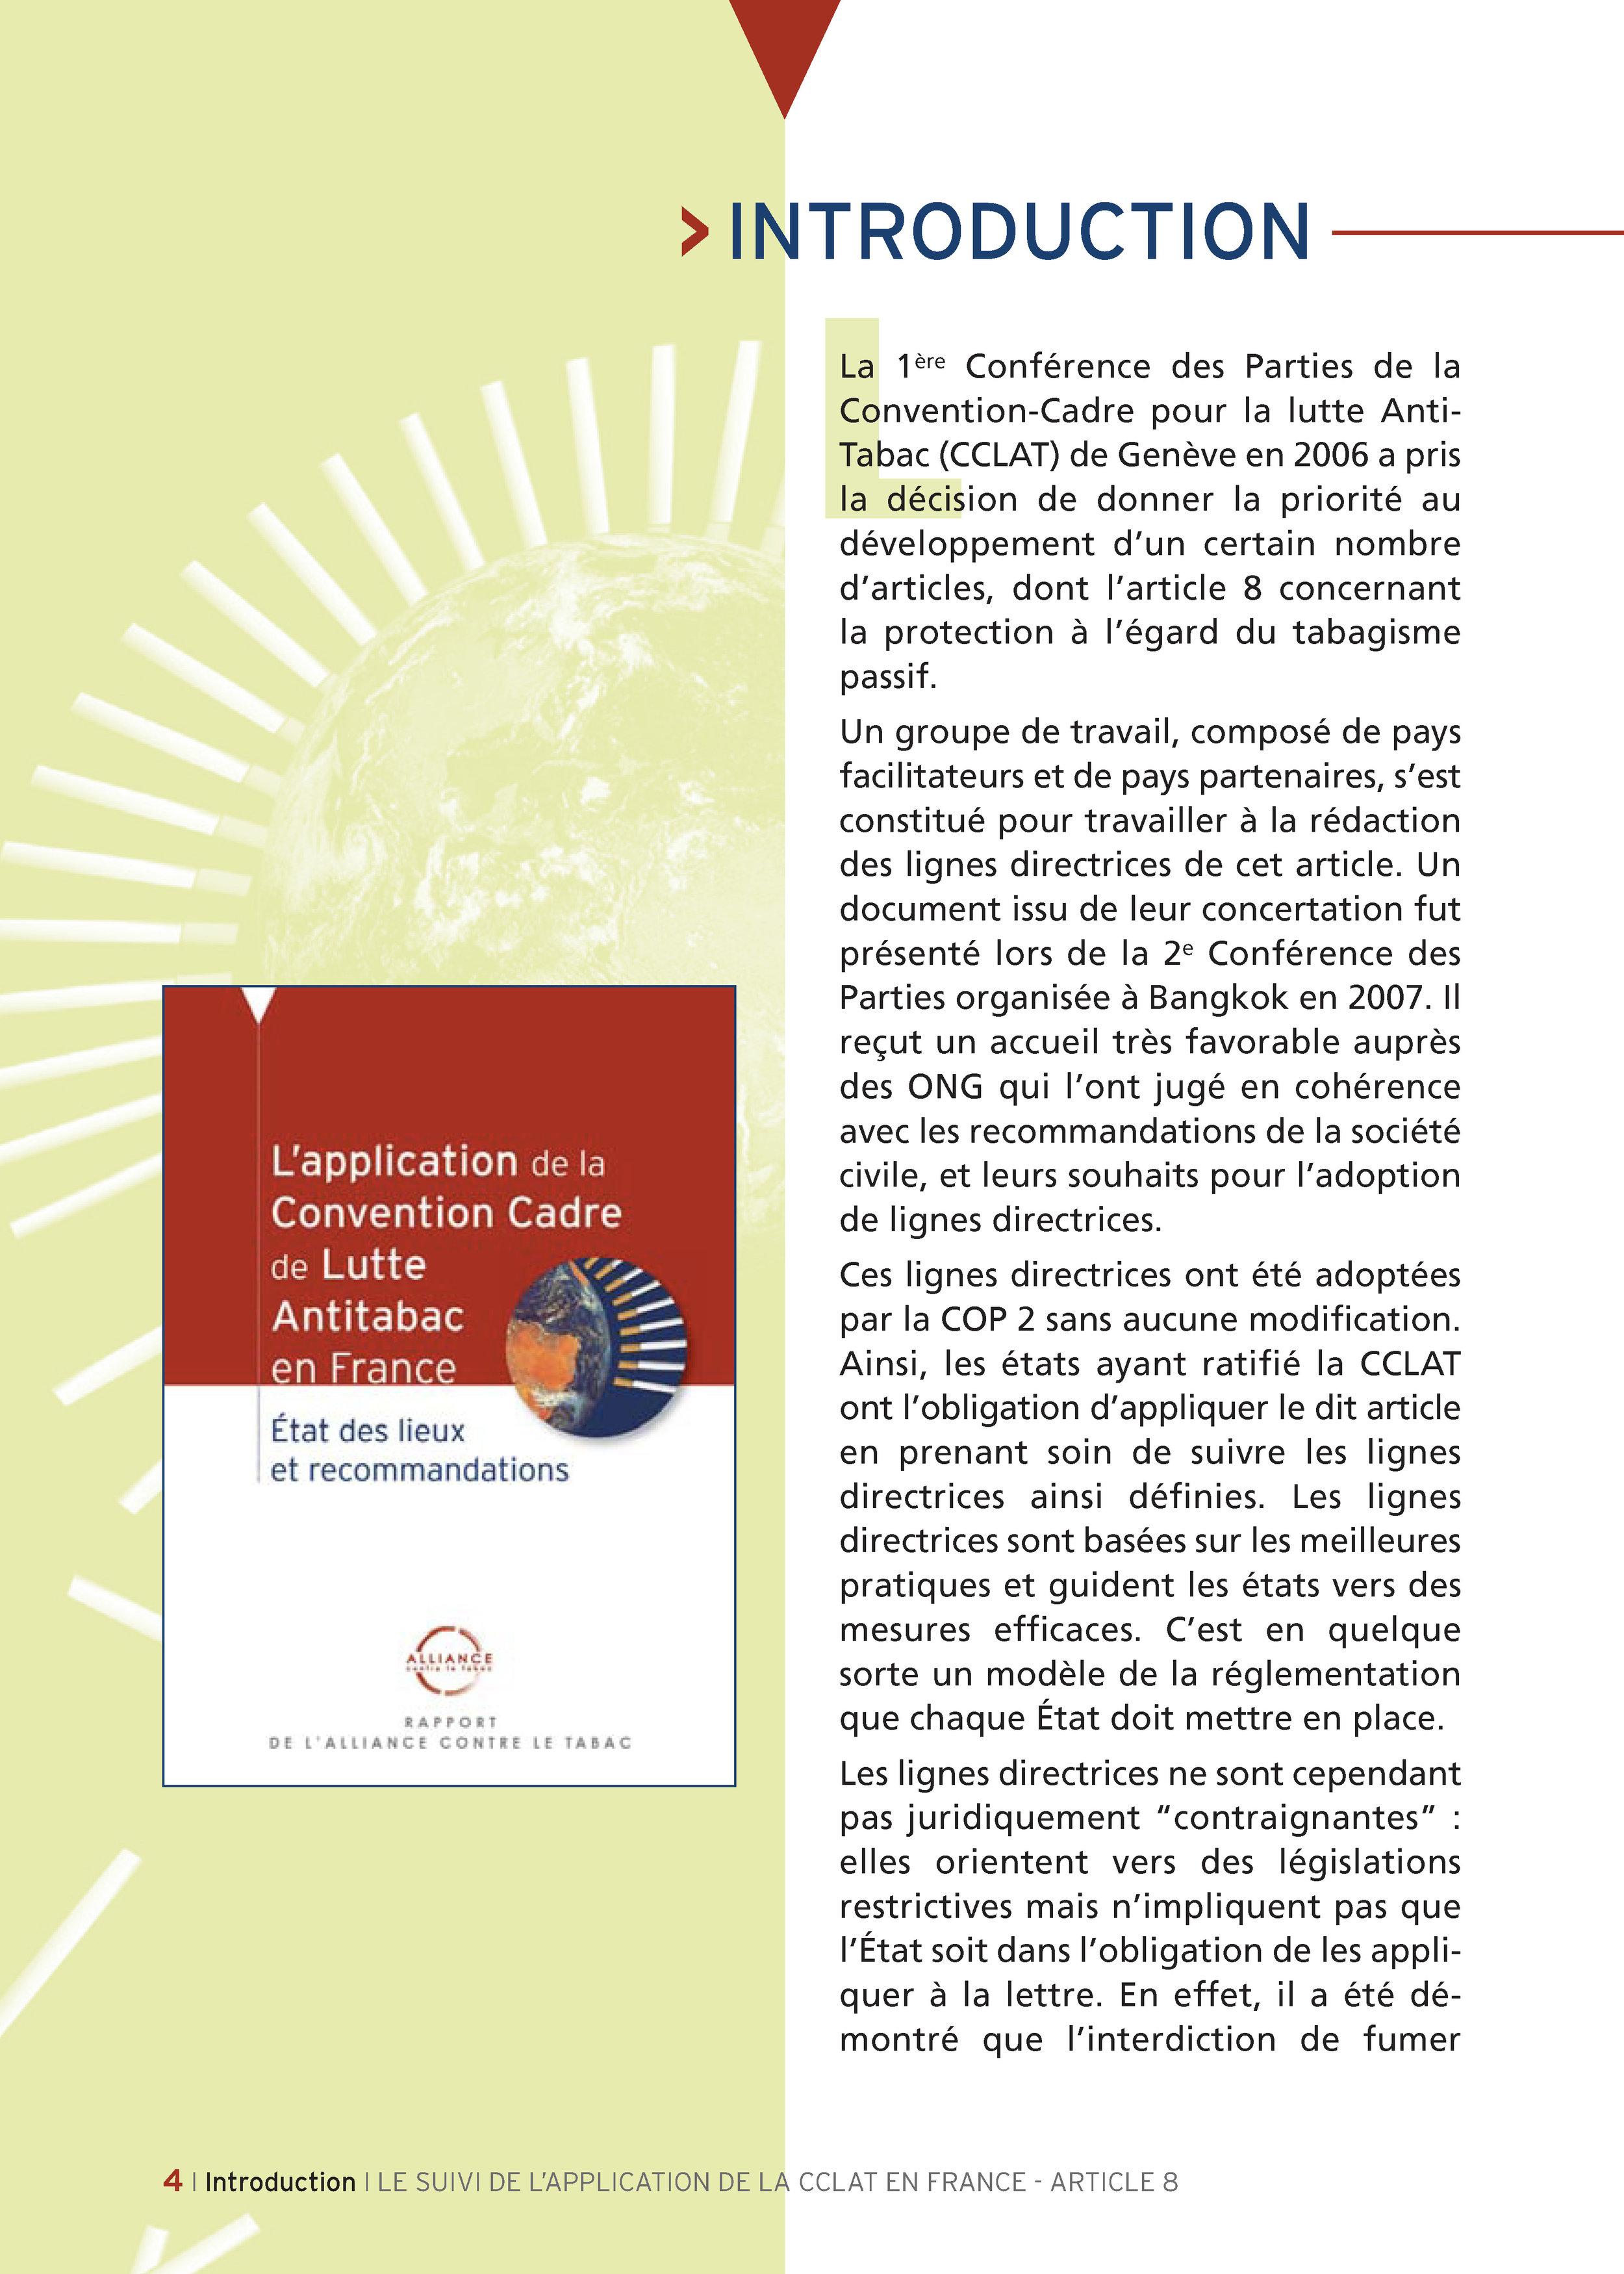 ACT_Suivi_-applicationCCLAT-france-art8_FR_Page_06.jpg